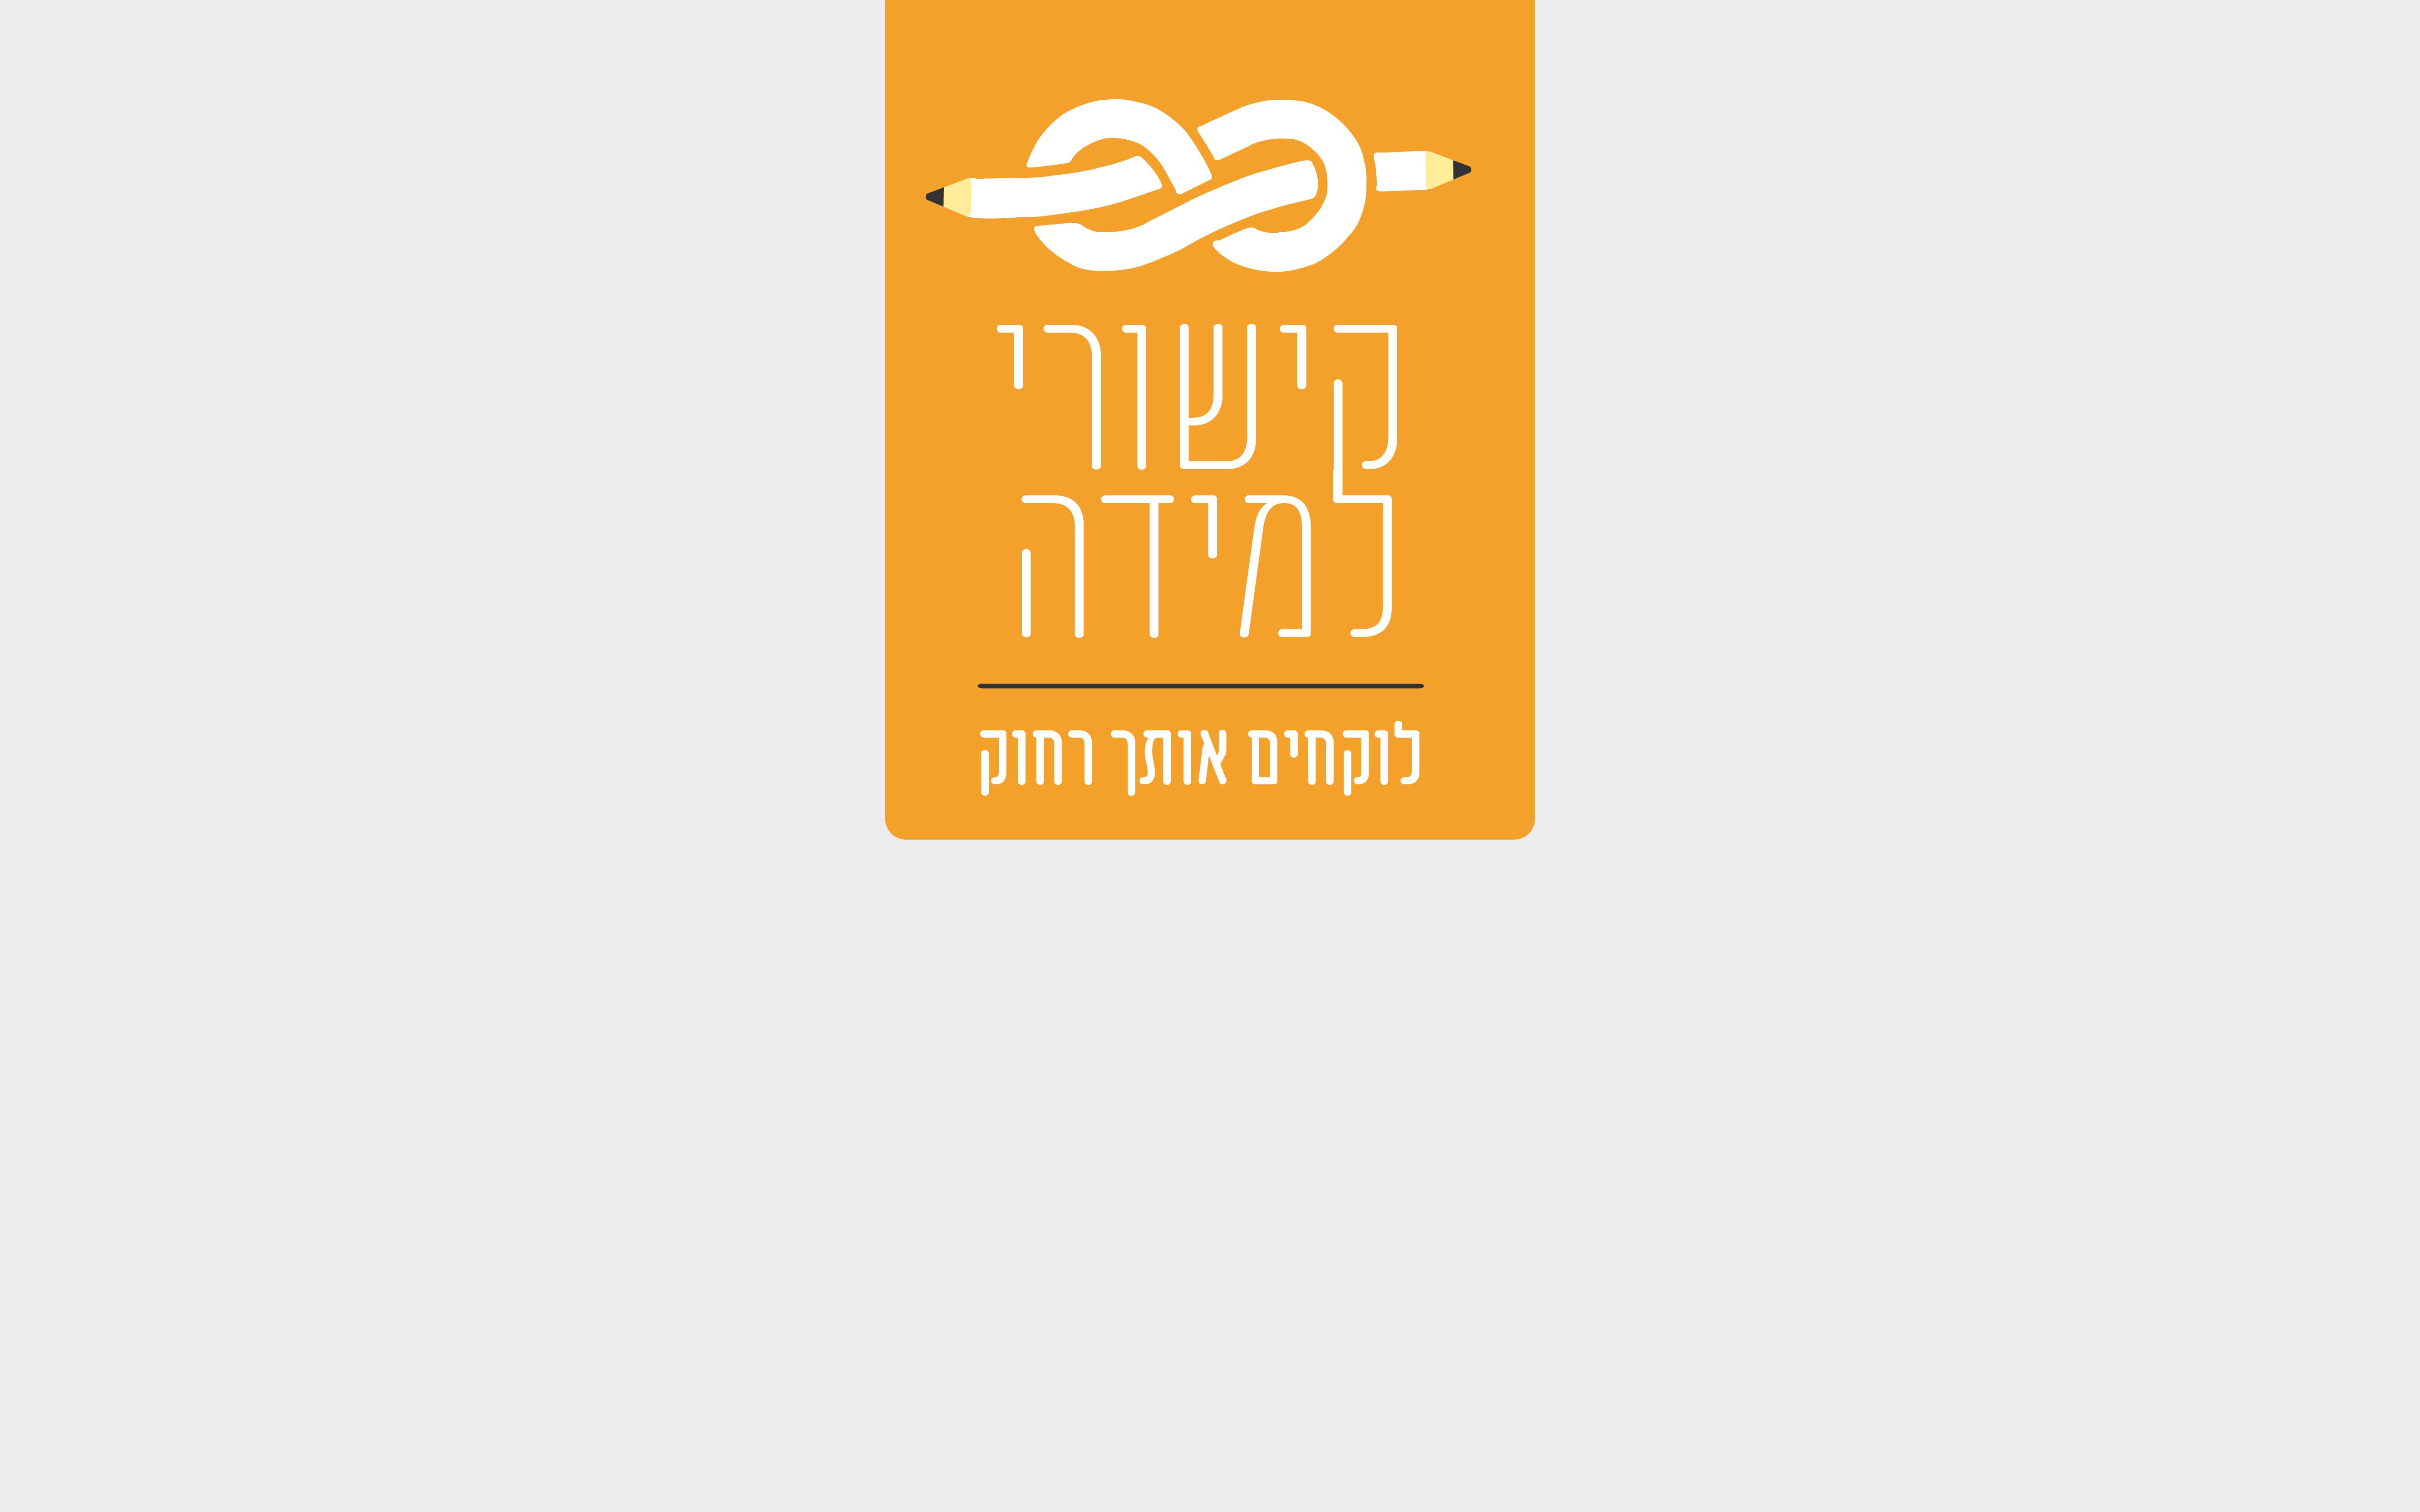 קישורי למידה - עיצוב לוגו